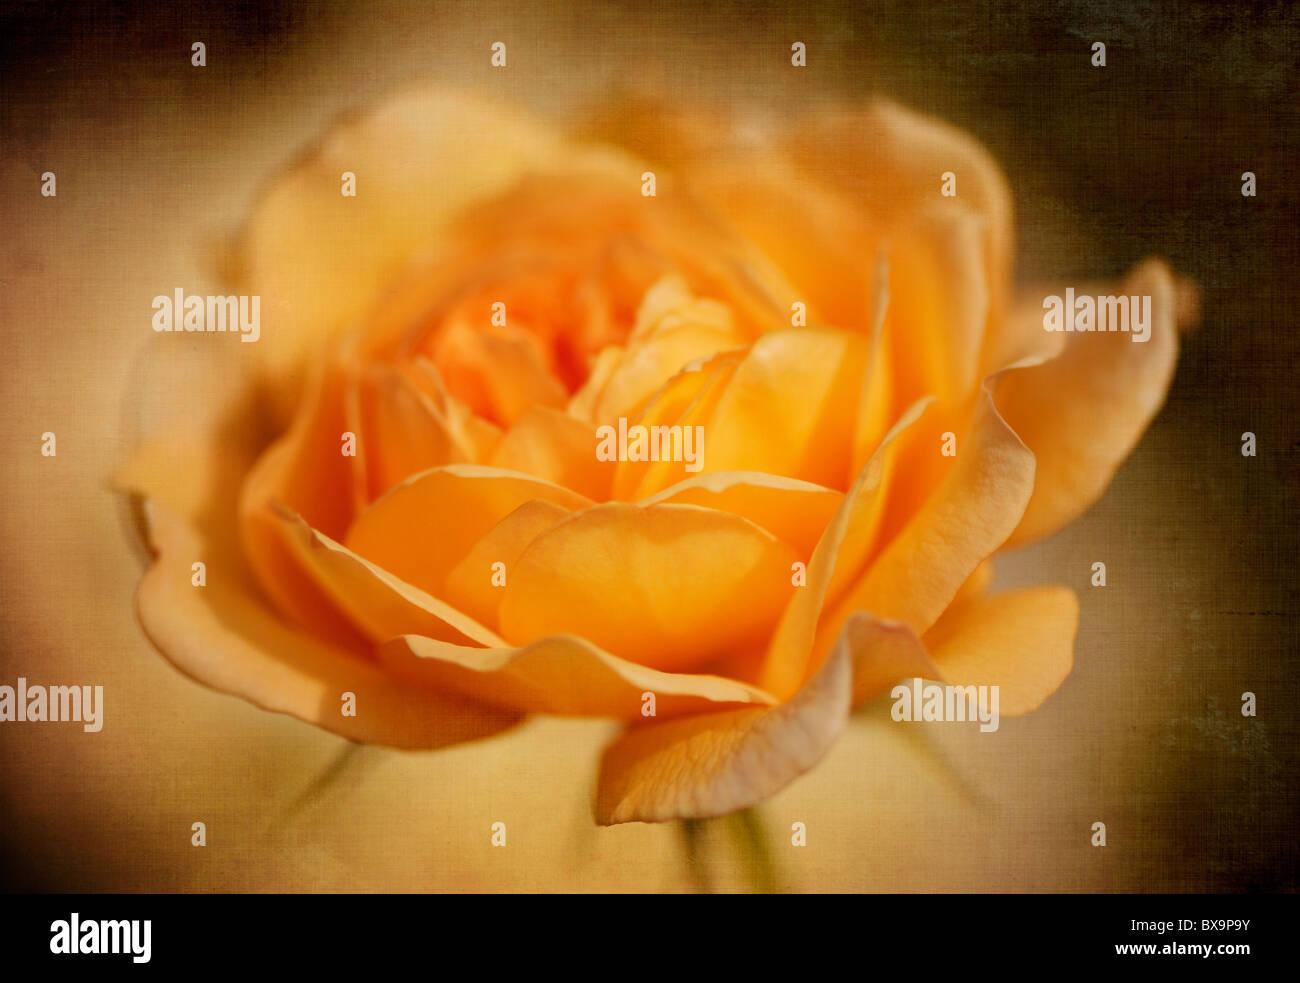 Un singolo peach rose - Rosa Immagini Stock